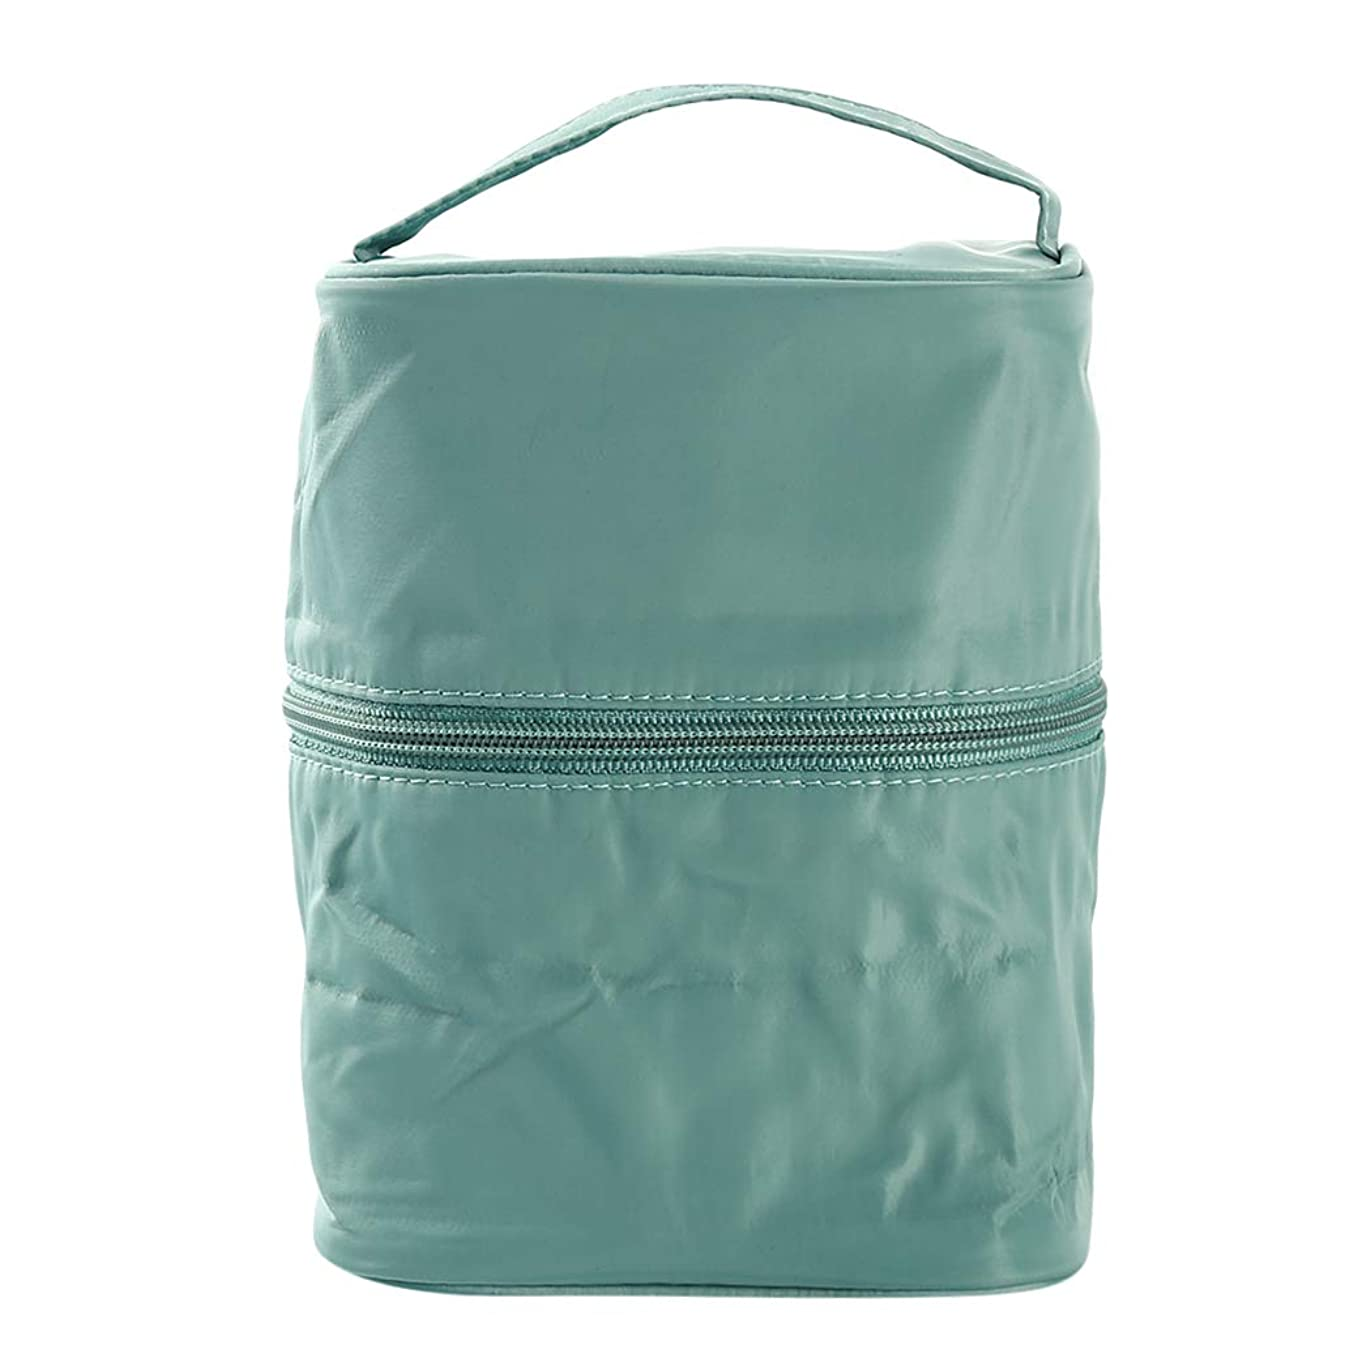 PINKING 化粧ポーチ トイレタリーバッグ バスルームポーチ トラベルポーチ メイクポーチ 携帯用 大容量 縦型 防水 洗面用具入れ 小物入れ 旅行 出張用 緑